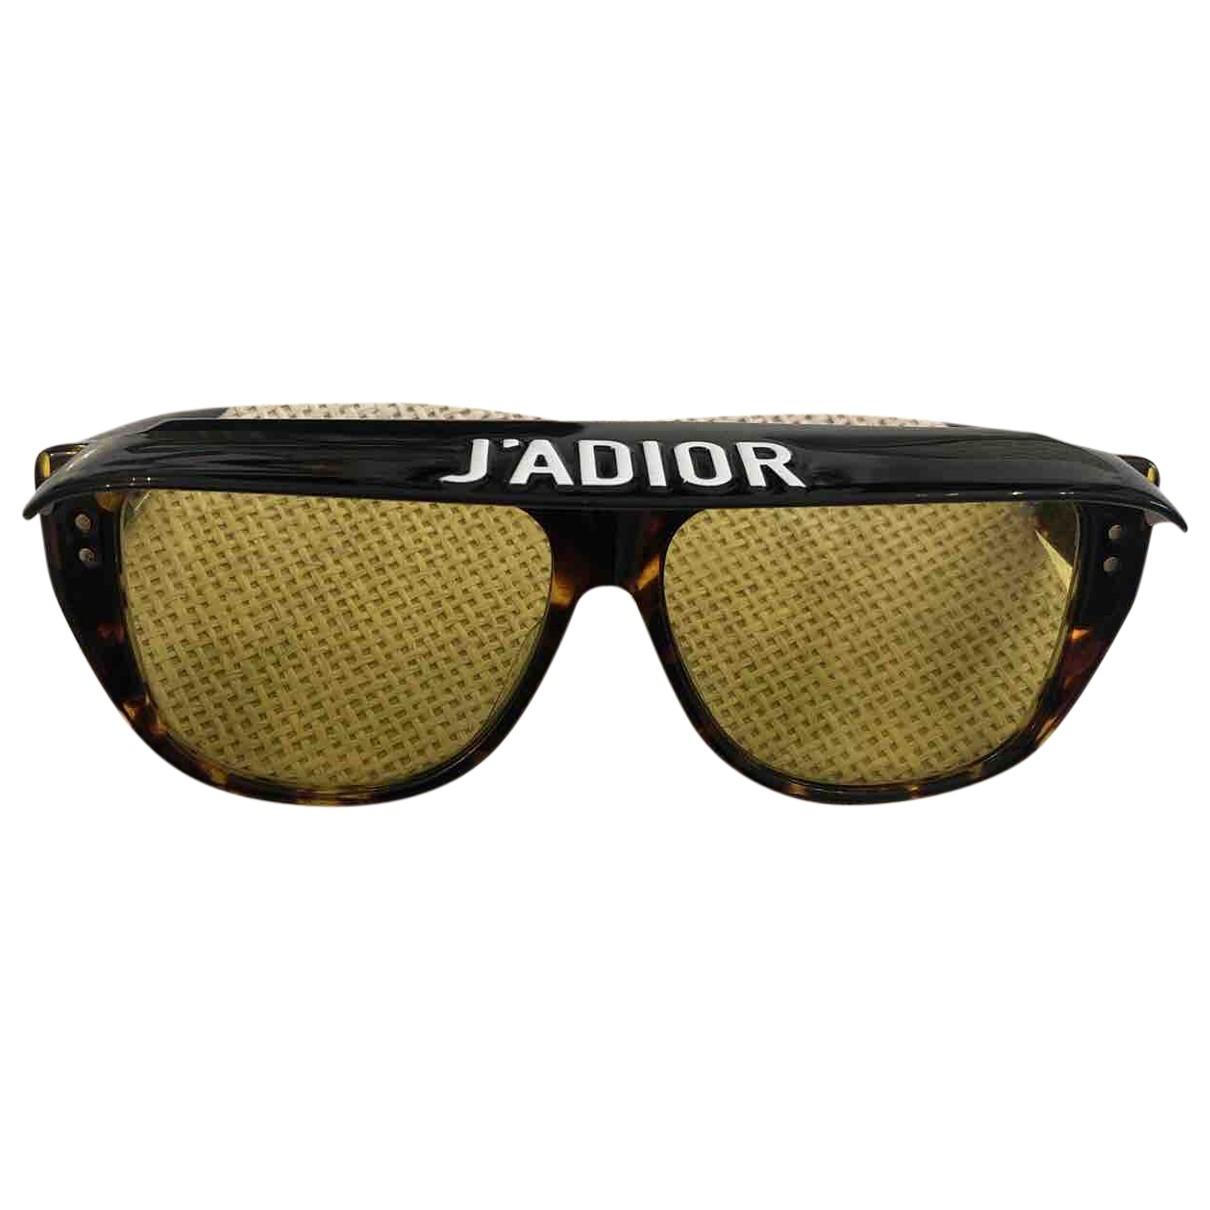 Dior - Lunettes Jadior pour femme - marron